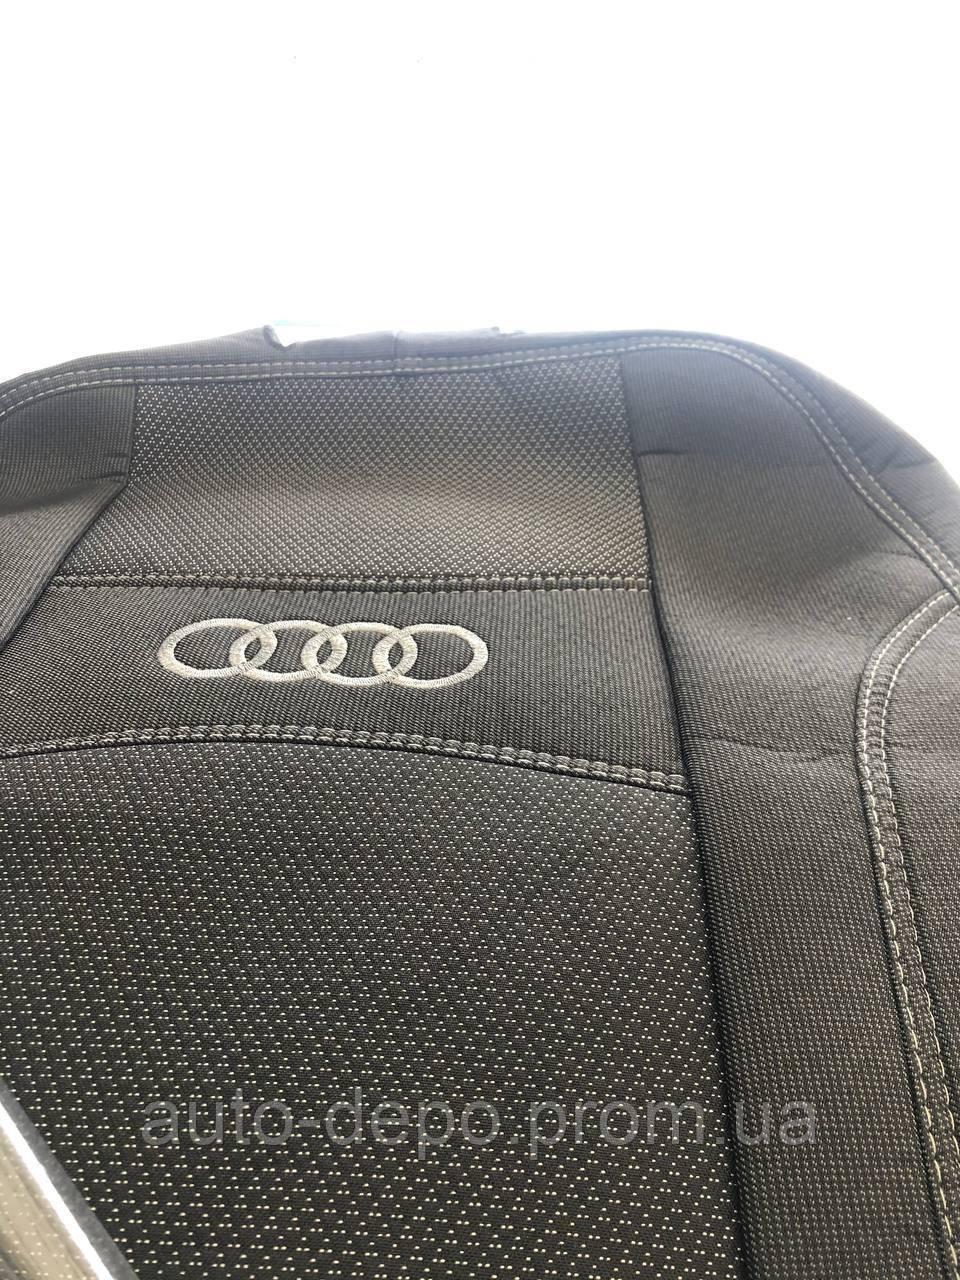 Чехлы на сиденья Audi A6 (С5) 1997-2004 Авточехлы Ауди А6 полный комплект Nika